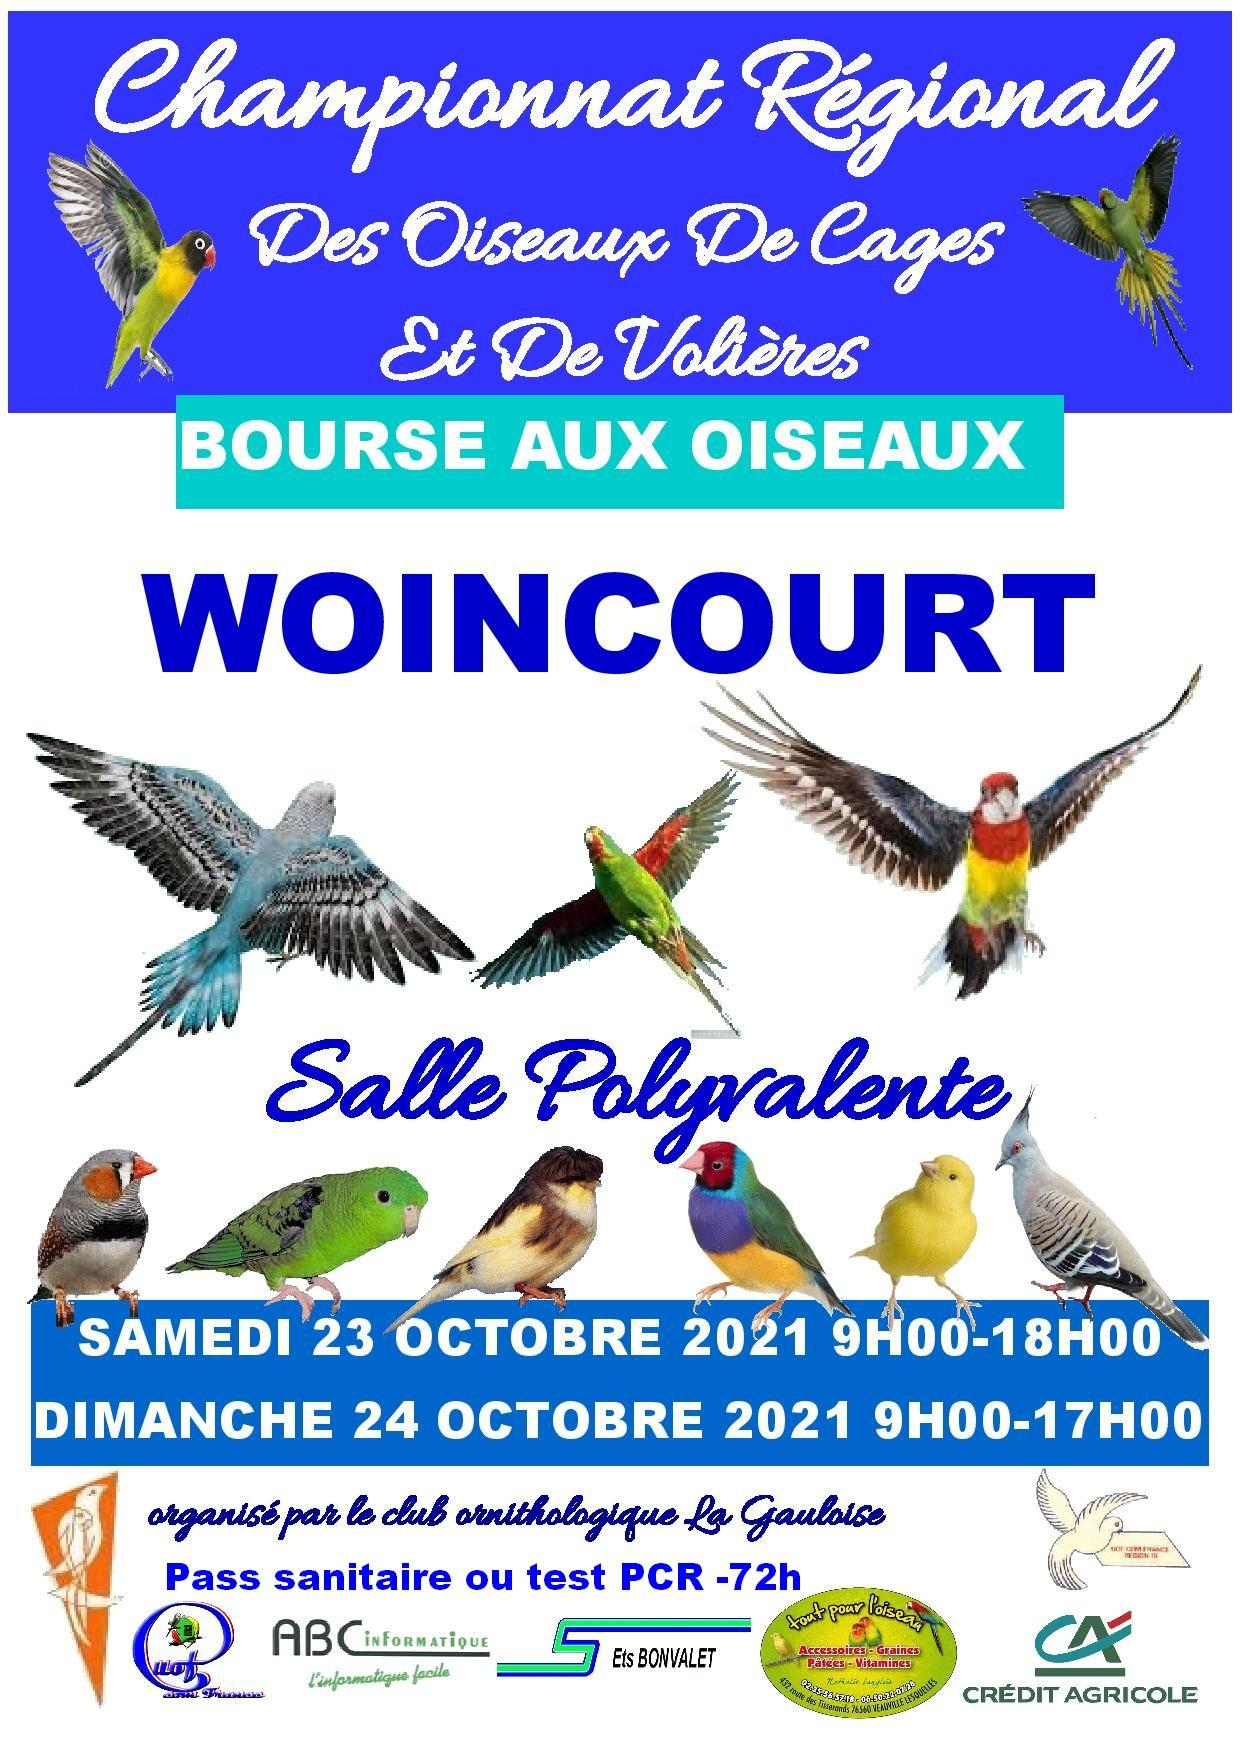 Affiche woincourt regional 2021 pass